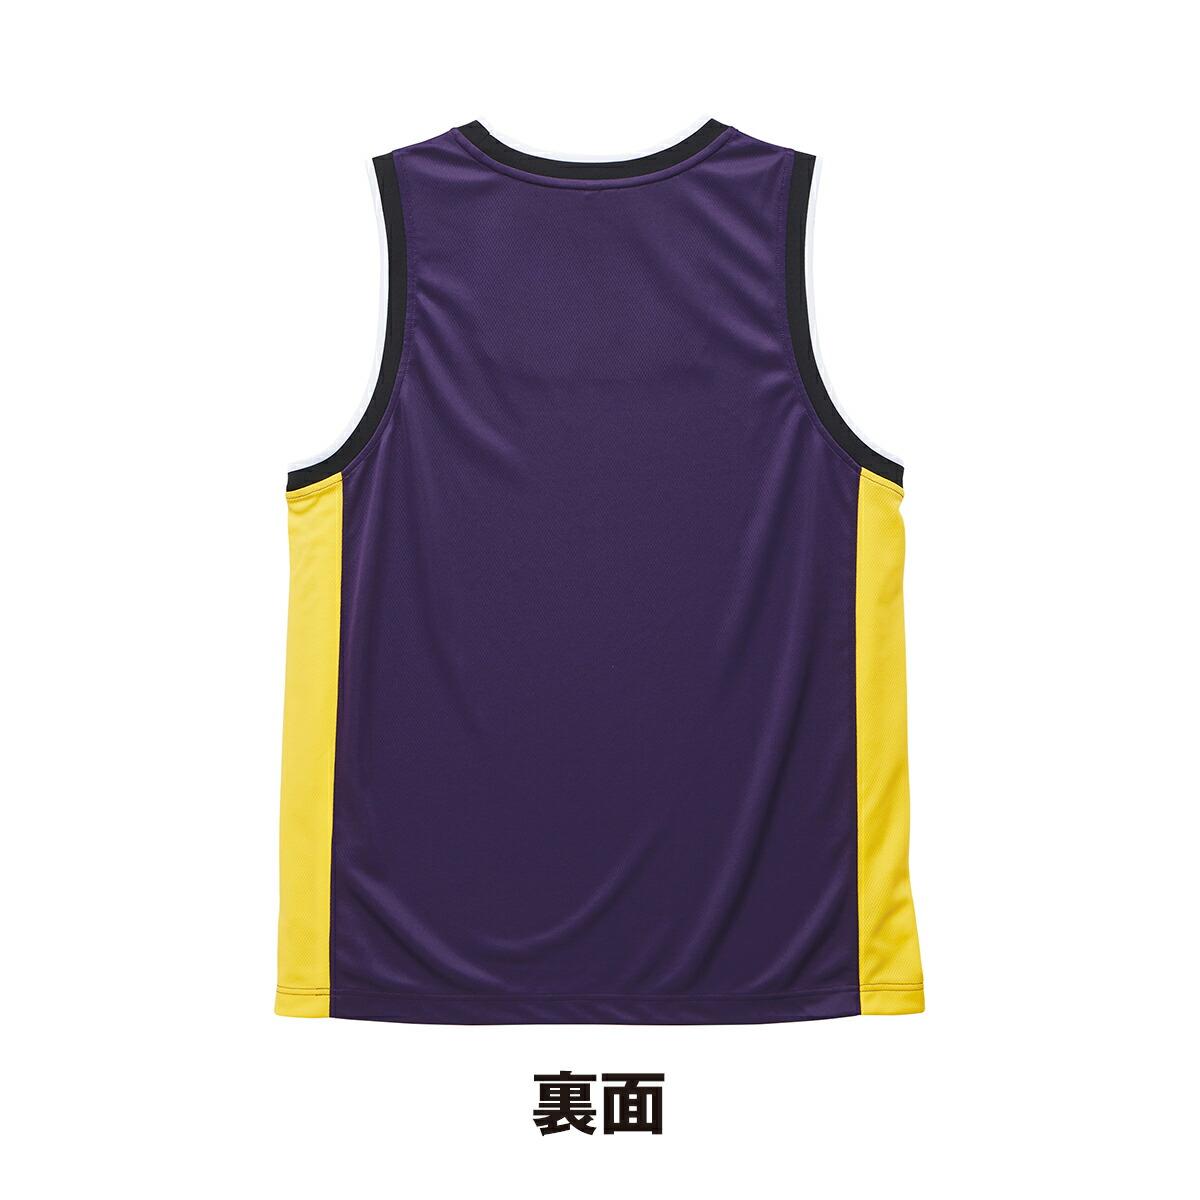 4.1オンス ドライ バスケットボールシャツ